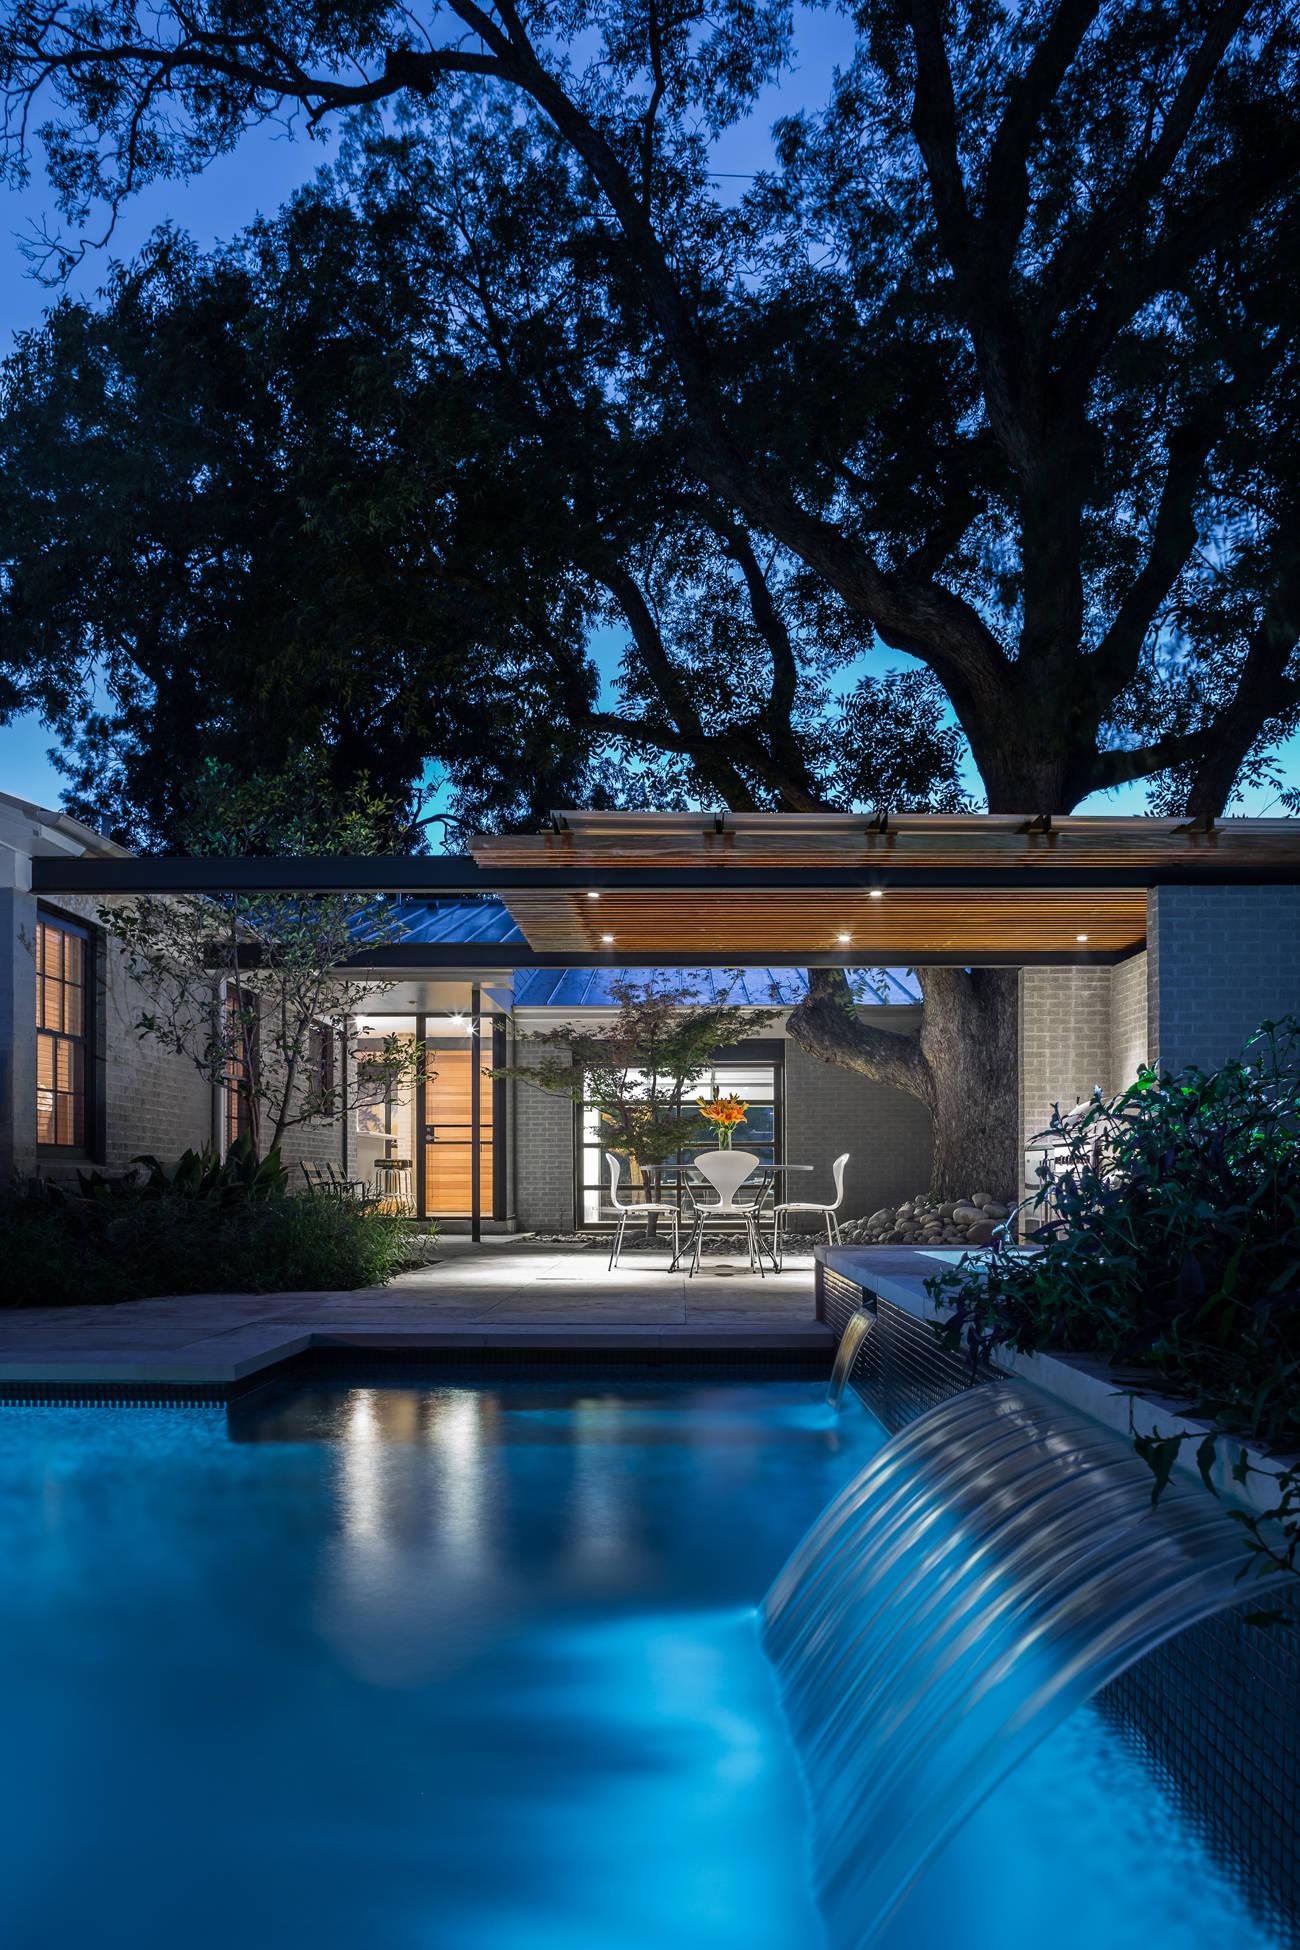 Idee Eclairage Terrasse Piscine Éclairage de terrasse de piscine : photos et idées déco